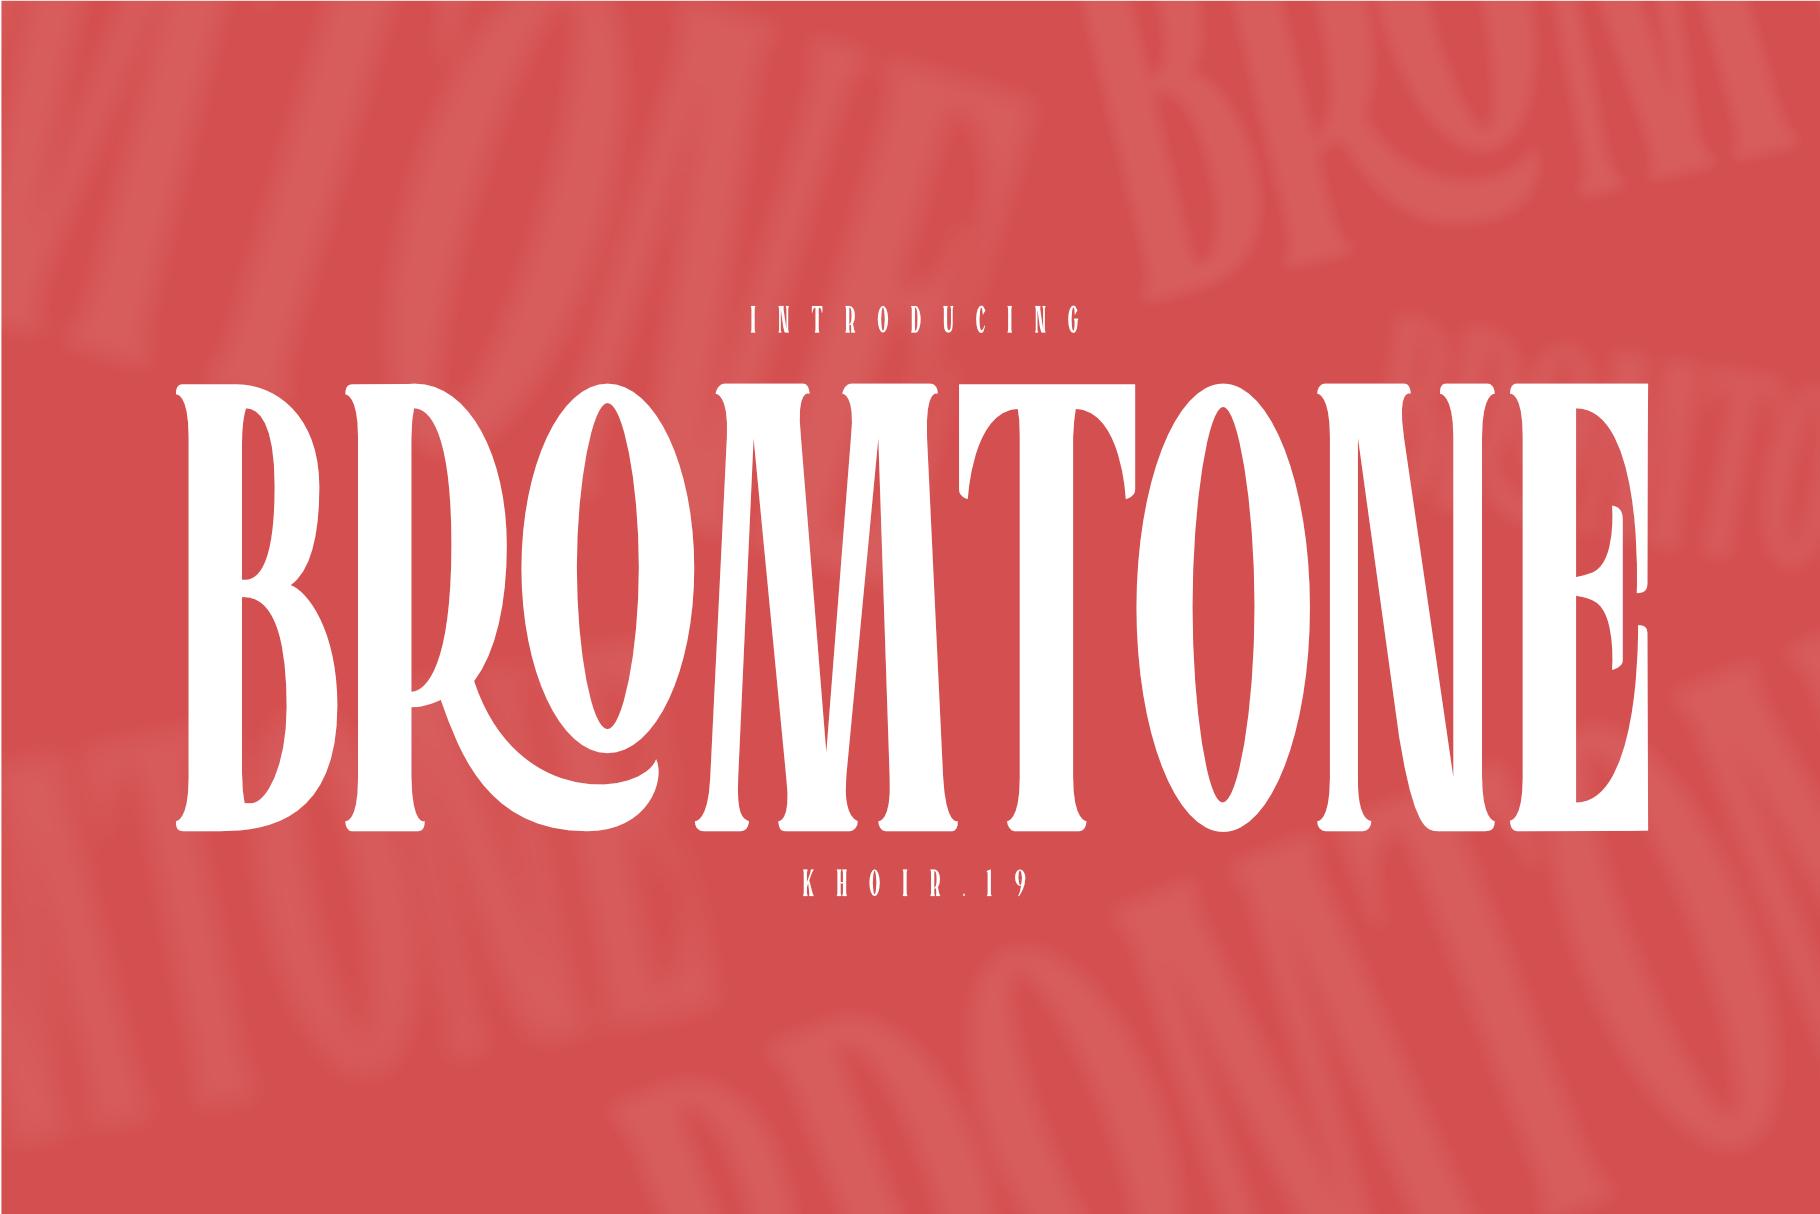 BROMTONE example image 1